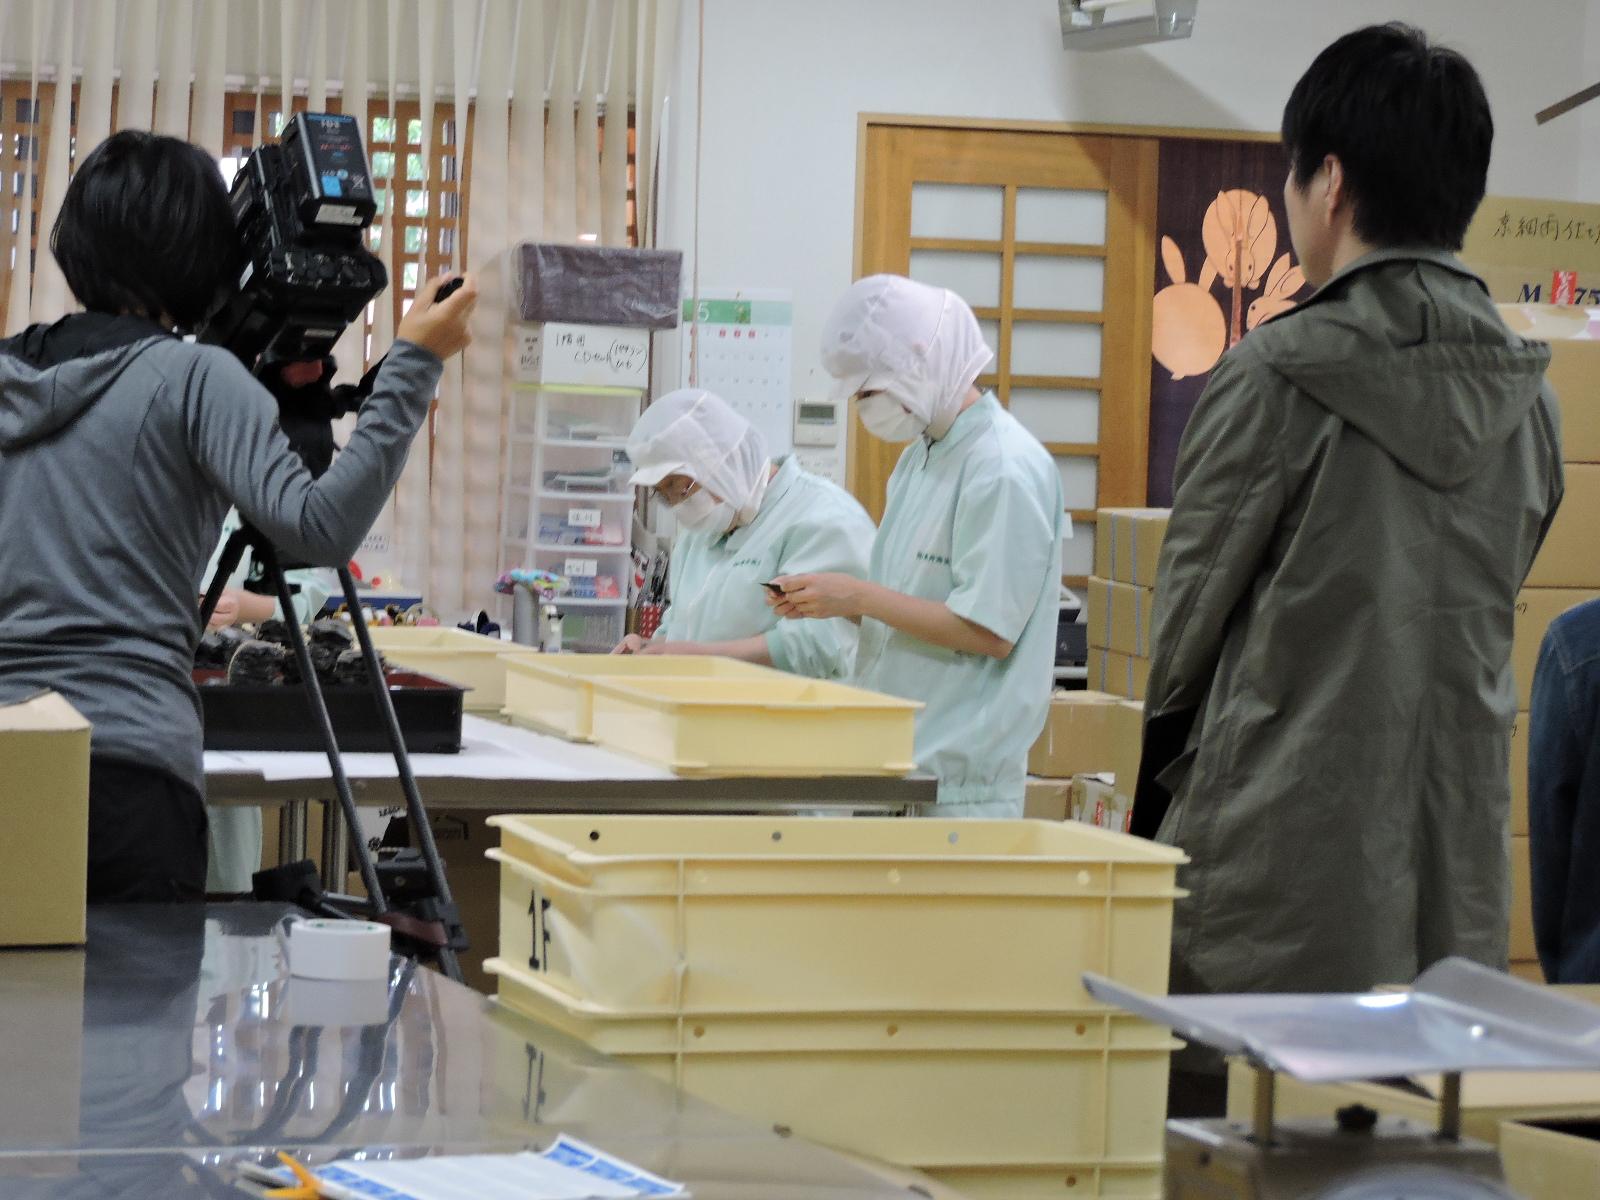 NHKふくいの看板番組「ニュースザウルスふくい」の撮影がありましたっ\(~o~)\